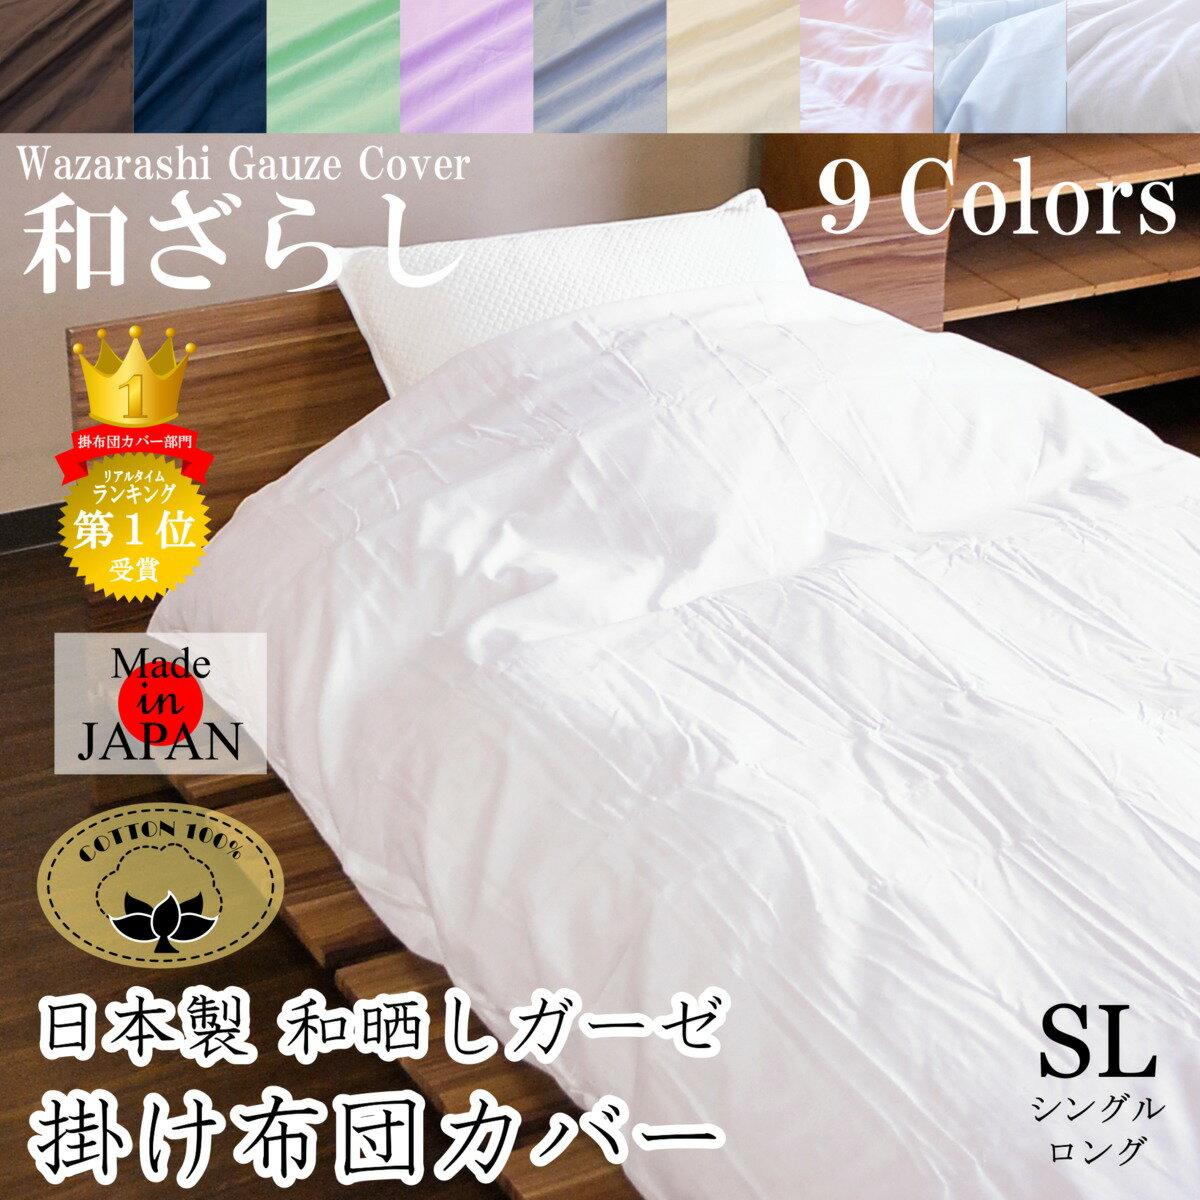 【送料無料】 【日本製】 綿100% 和晒し ガーゼ 掛け布団カバー シングル 150X210cm